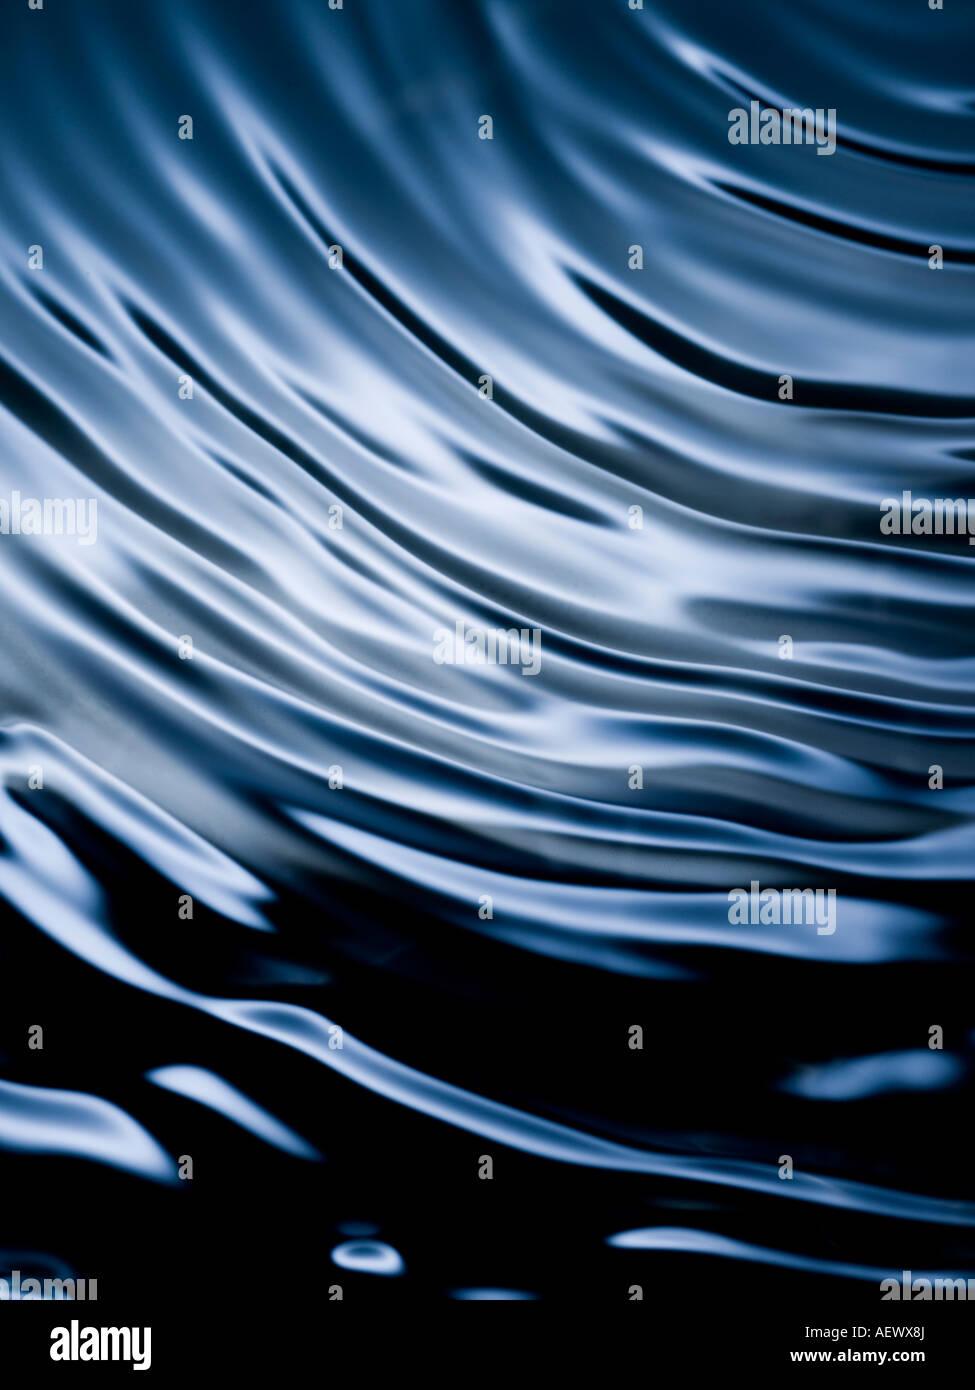 Agua cerca, arriba, líquido, líquido refrigerante, fresco, nuevo, fresco, frío, húmedo, dip, Imagen De Stock